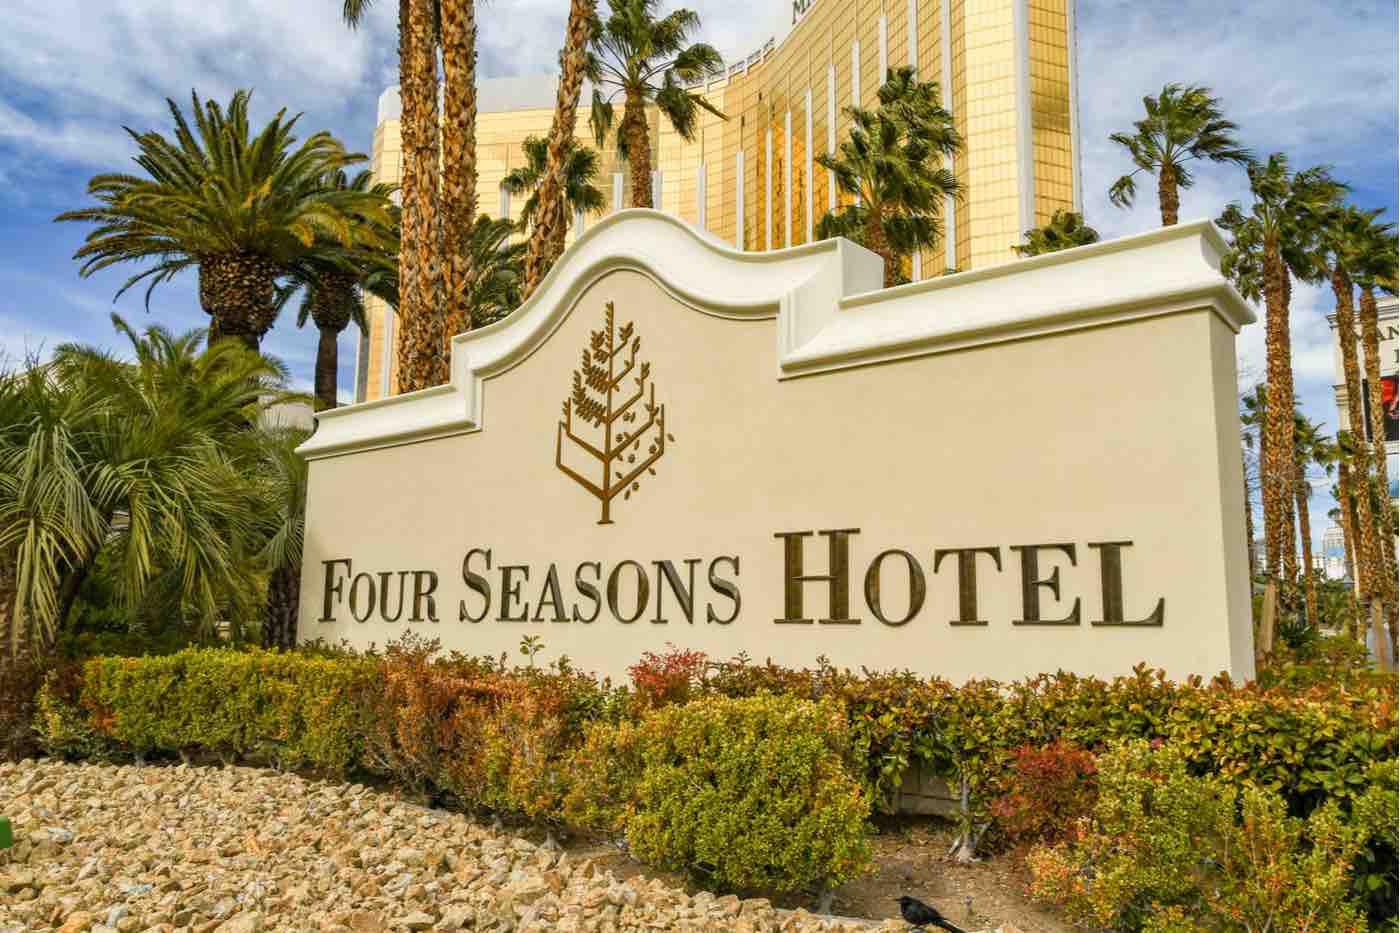 Bill Gates compra participación mayoritaria del Four Seasons Hotels por $2,2 mil millones